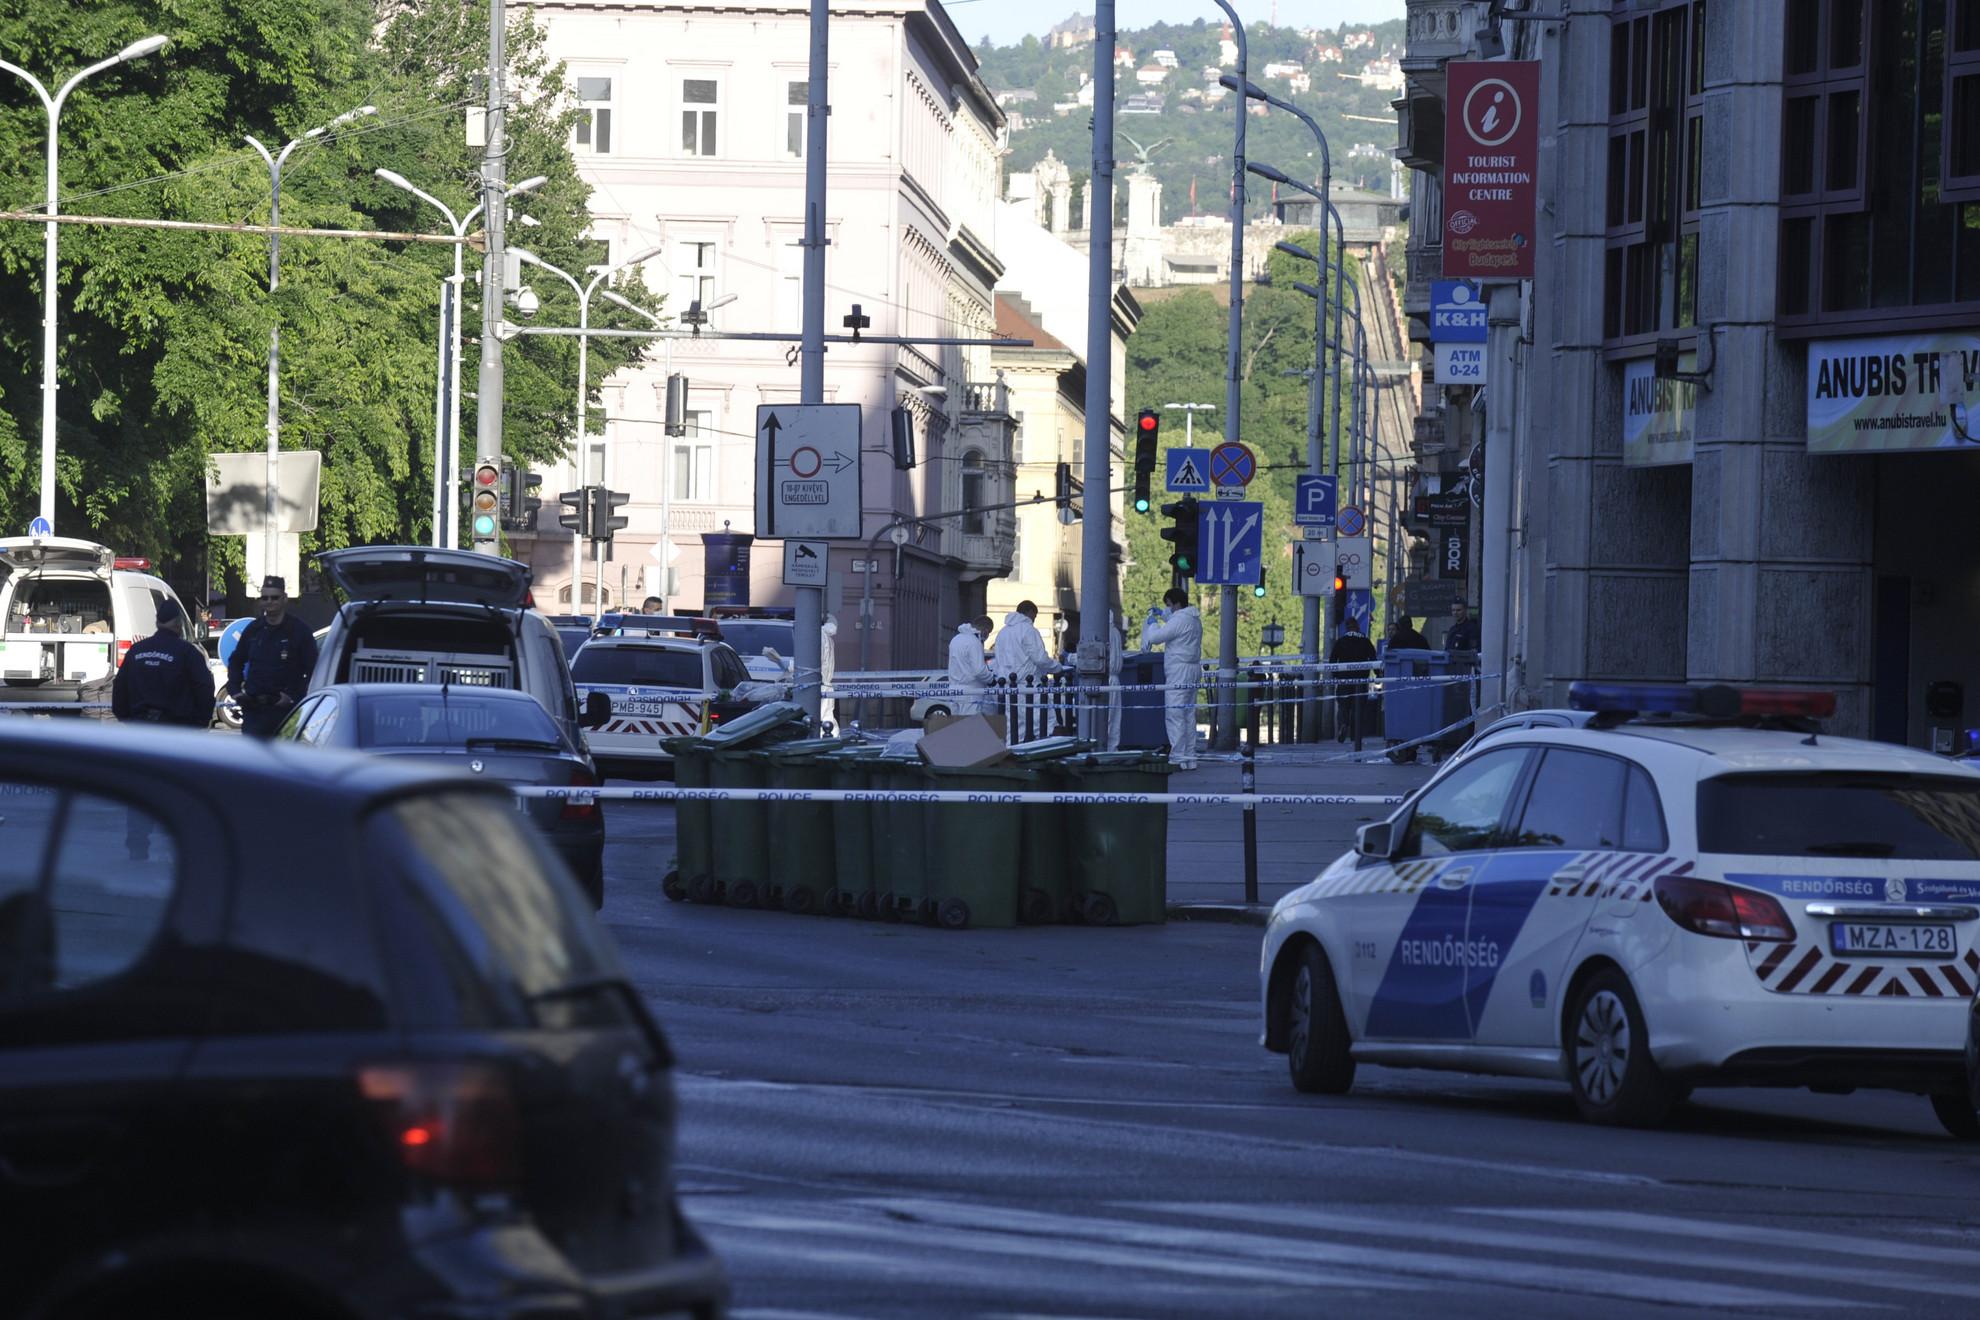 Hajnali 3 óra után értesítették a rendőrséget, hogy a belvárosban több ember összeverekedett, és többeket megkéseltek